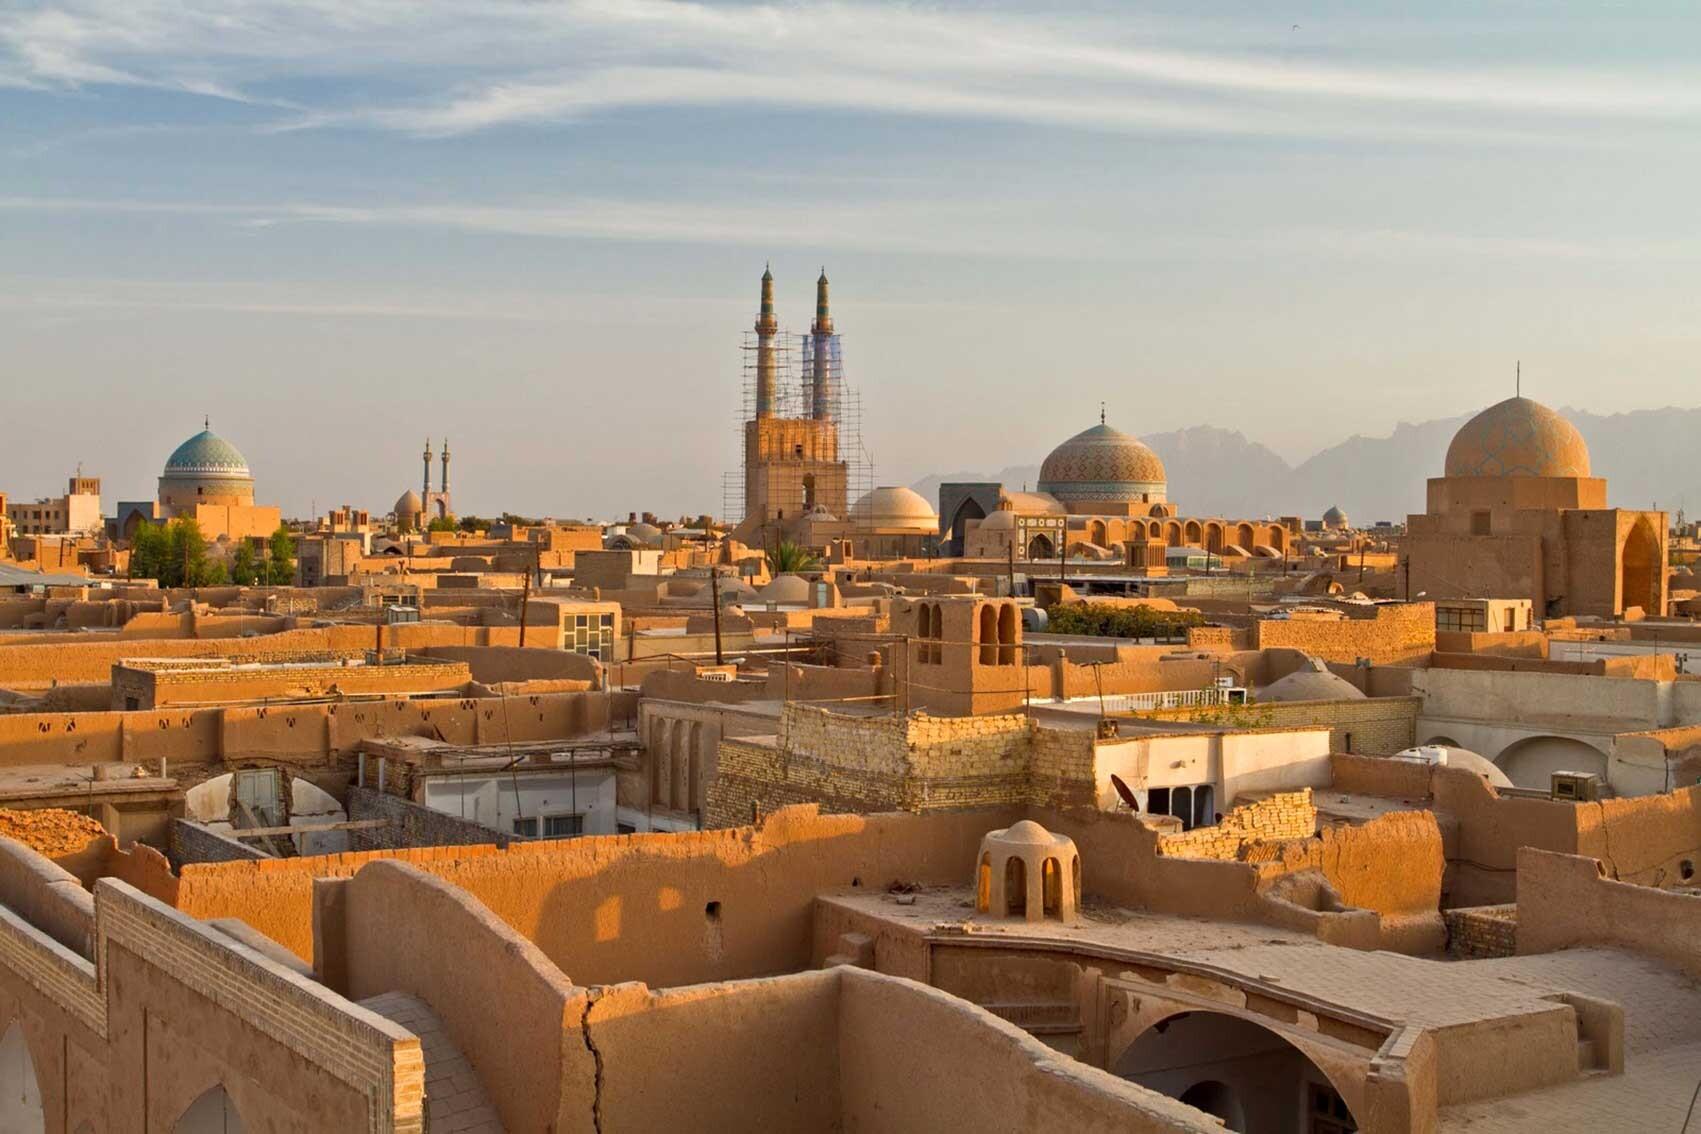 مسجد اوقافی خضرشاهی یزد، اولین موزه مسجد کشور